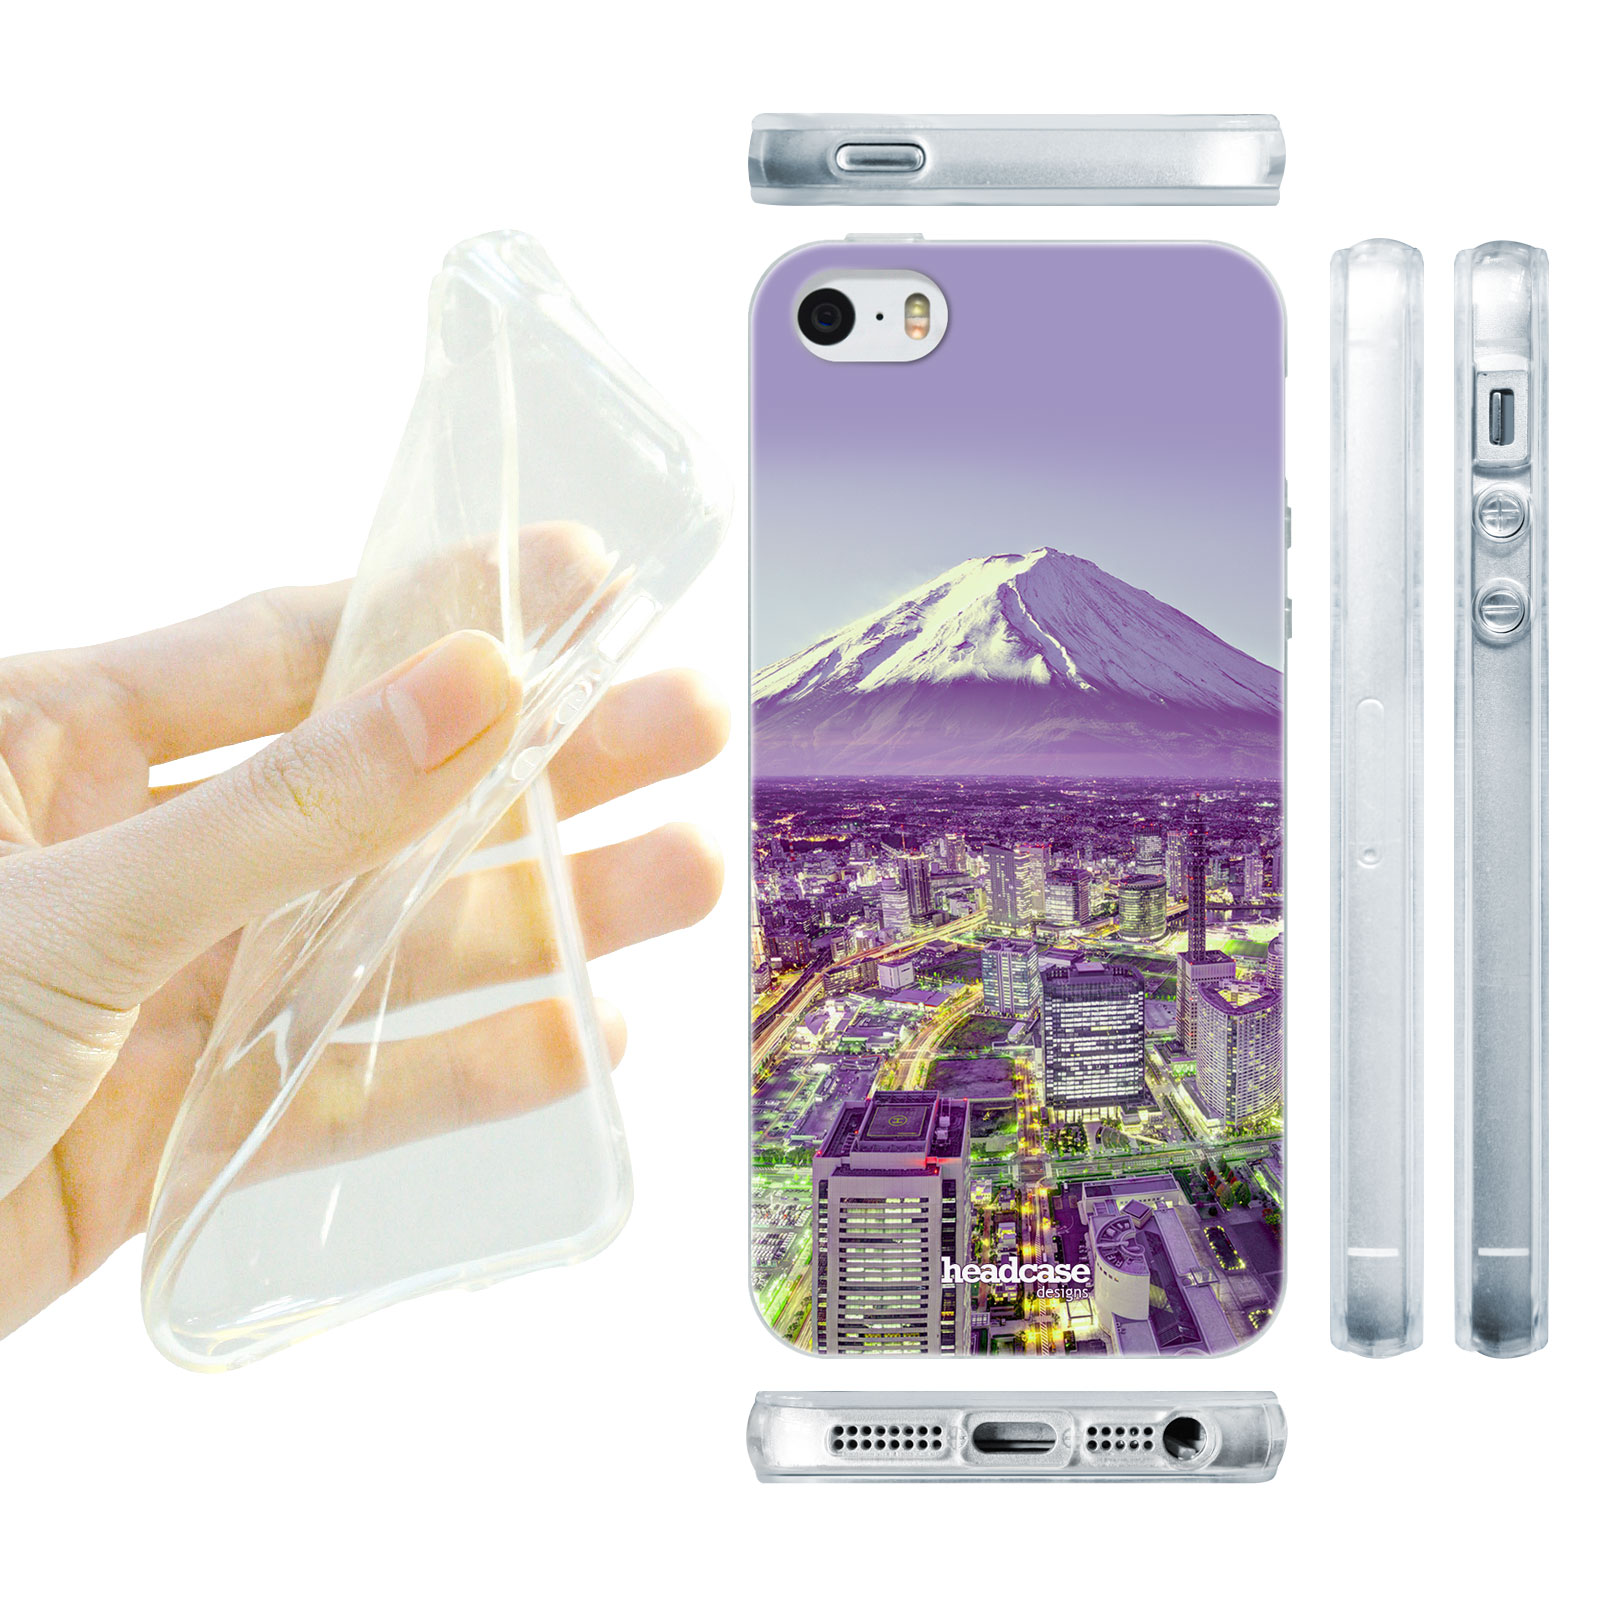 HEAD CASE silikonový obal na mobil Iphone 5 5S nejkrásnější místa hora  Yokohama 7c51534f459